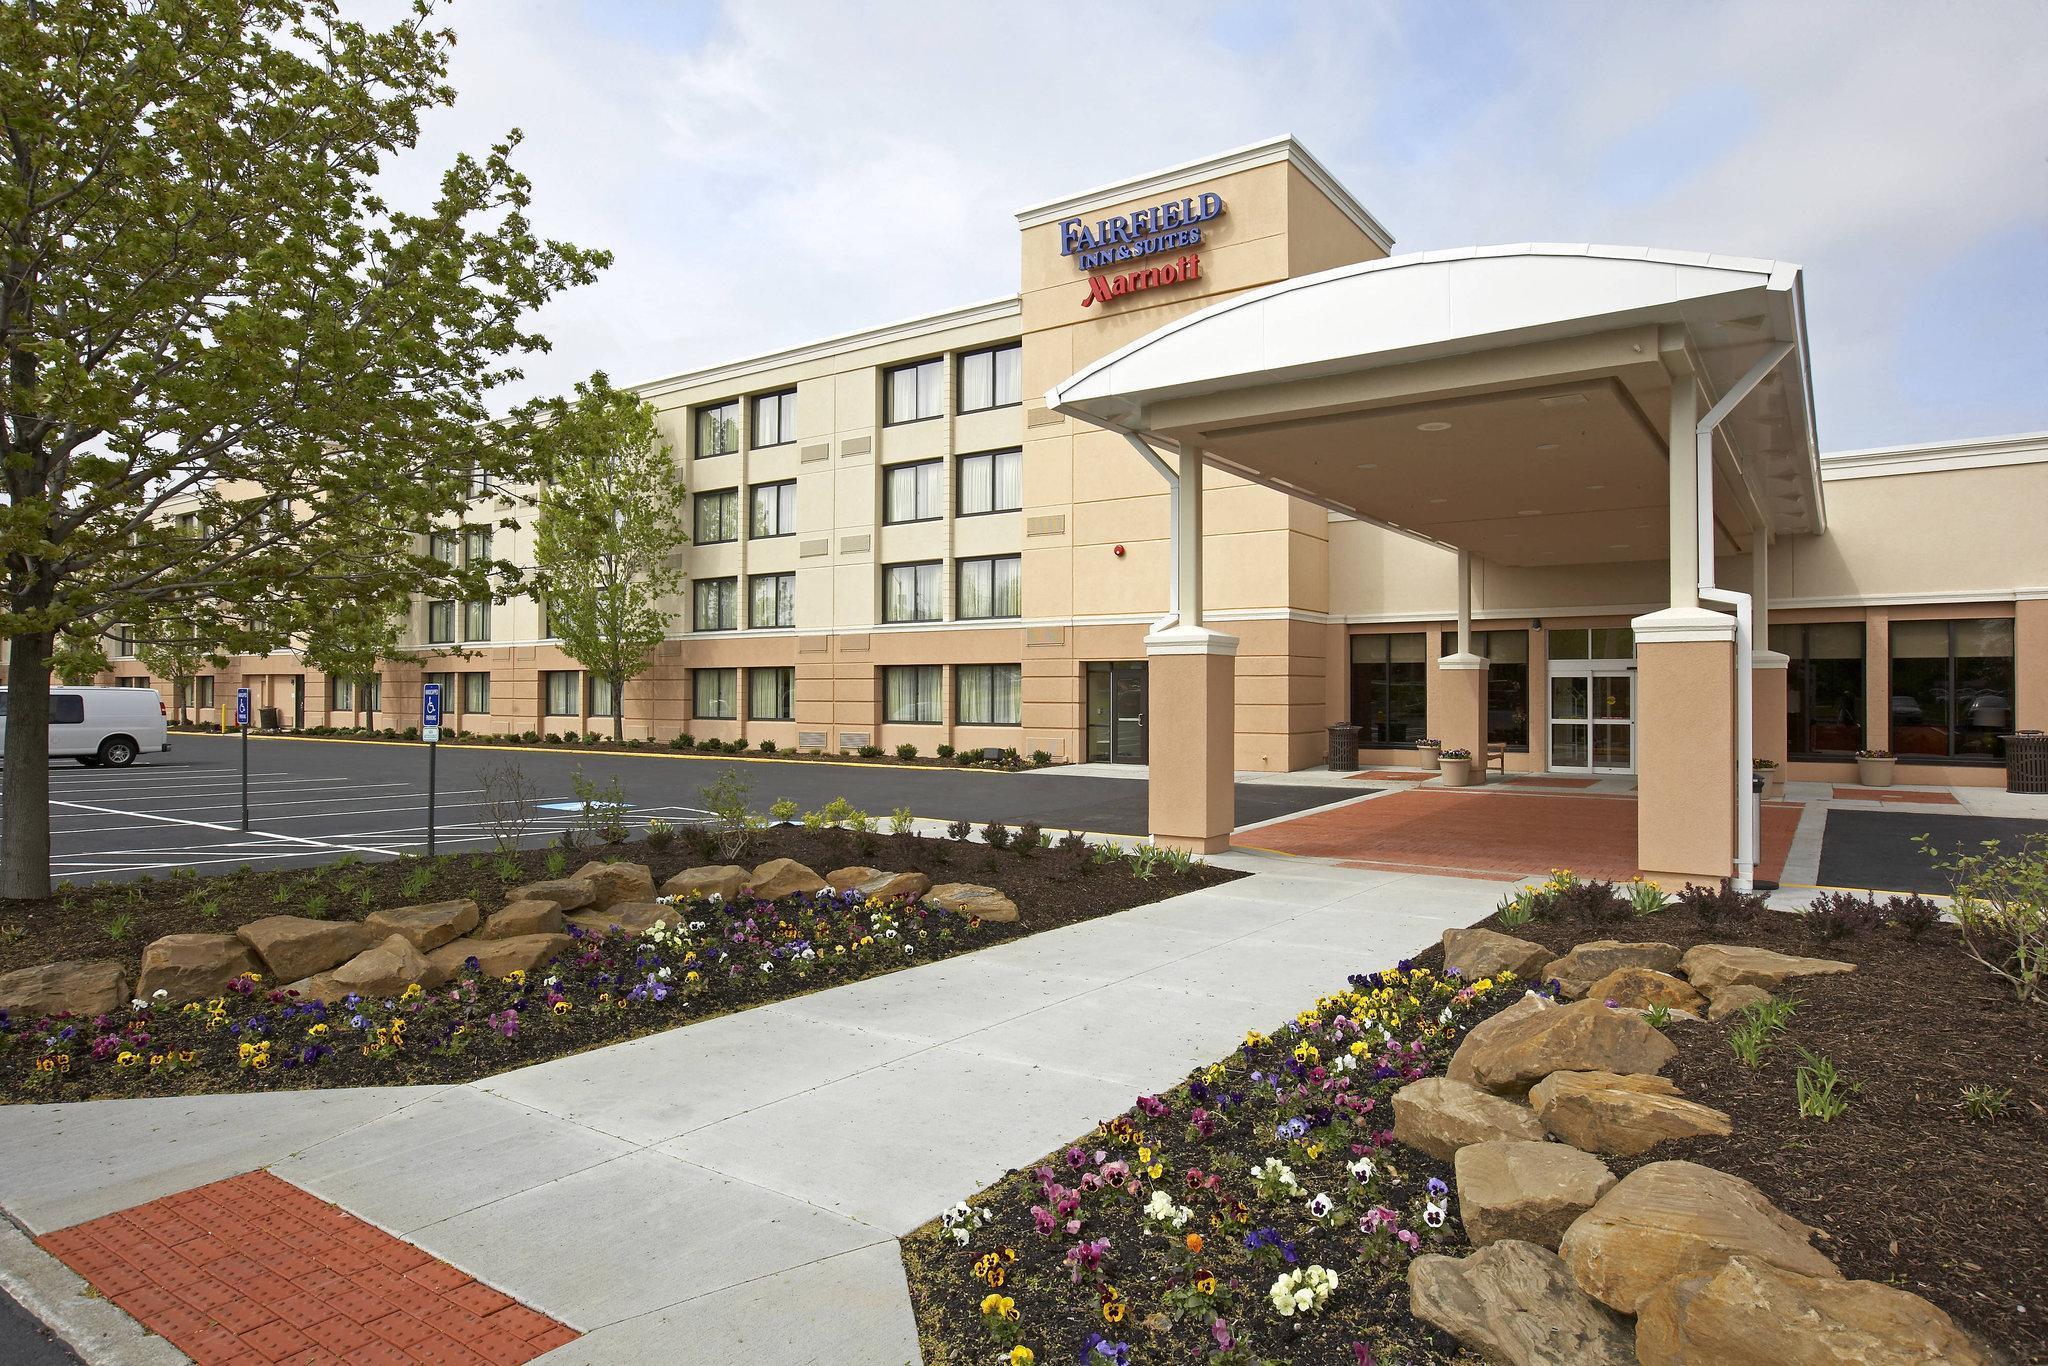 Fairfield Inn And Suites Cleveland Beachwood